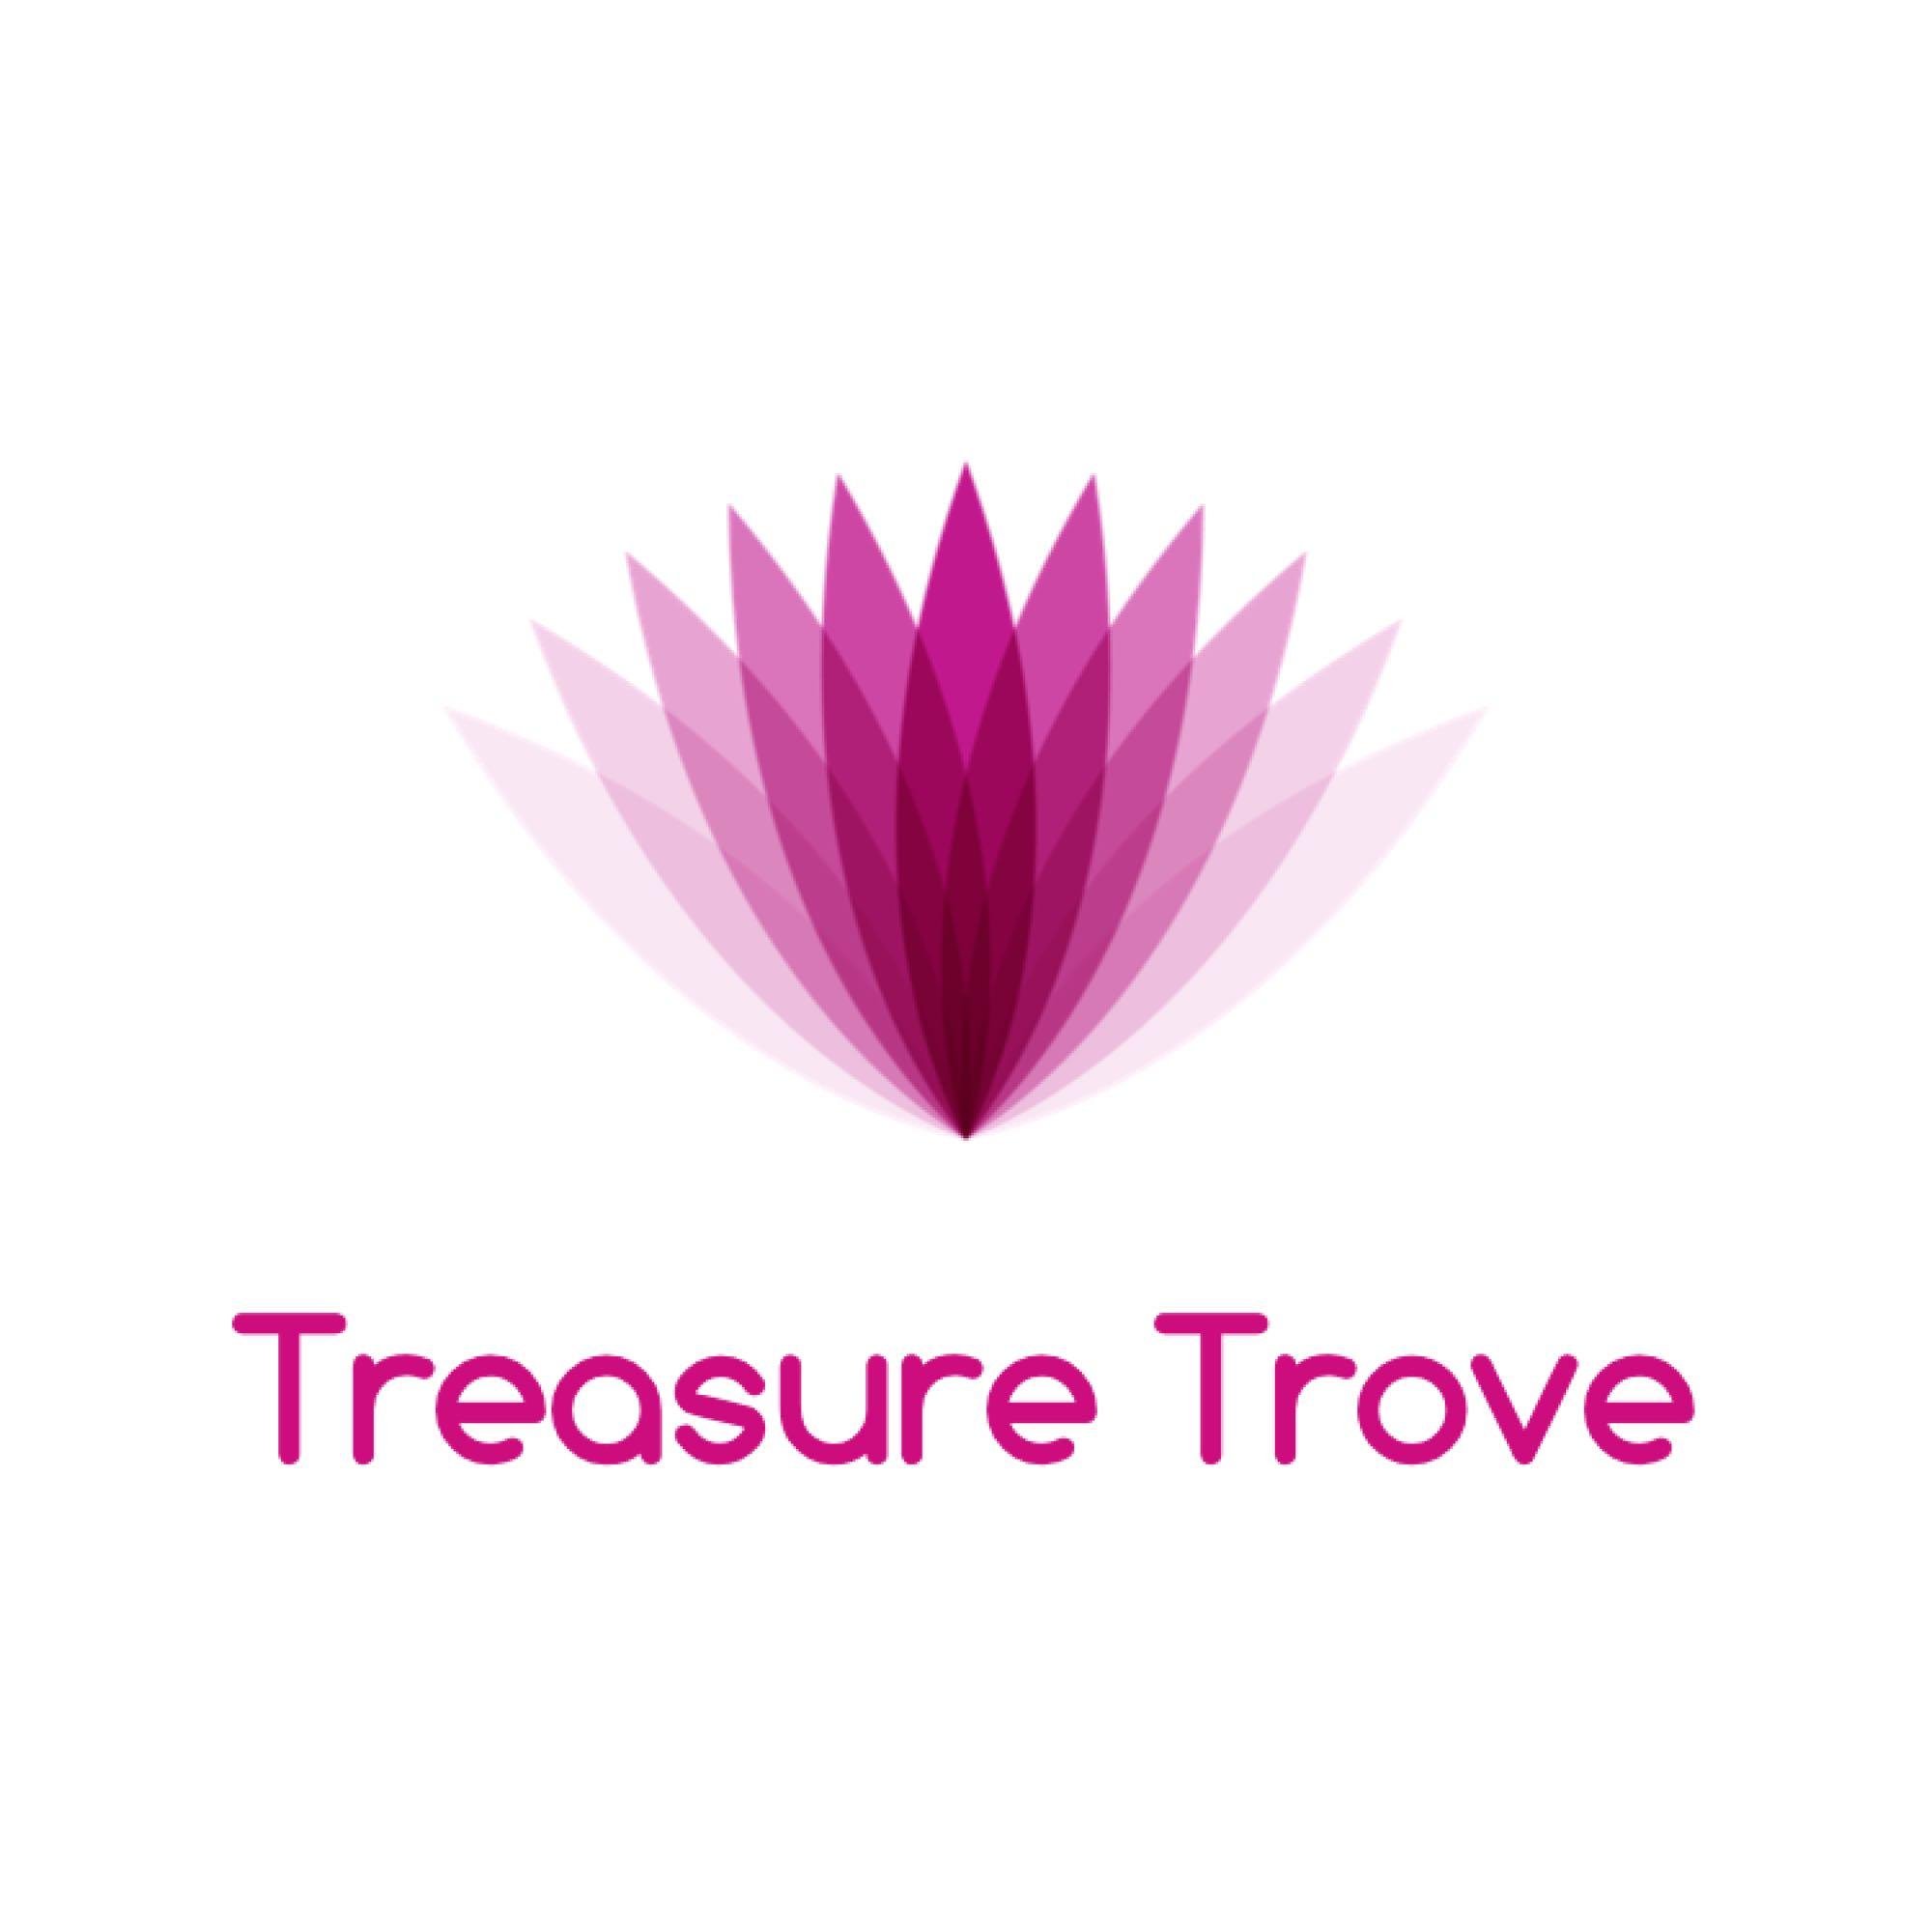 treasuretrove1